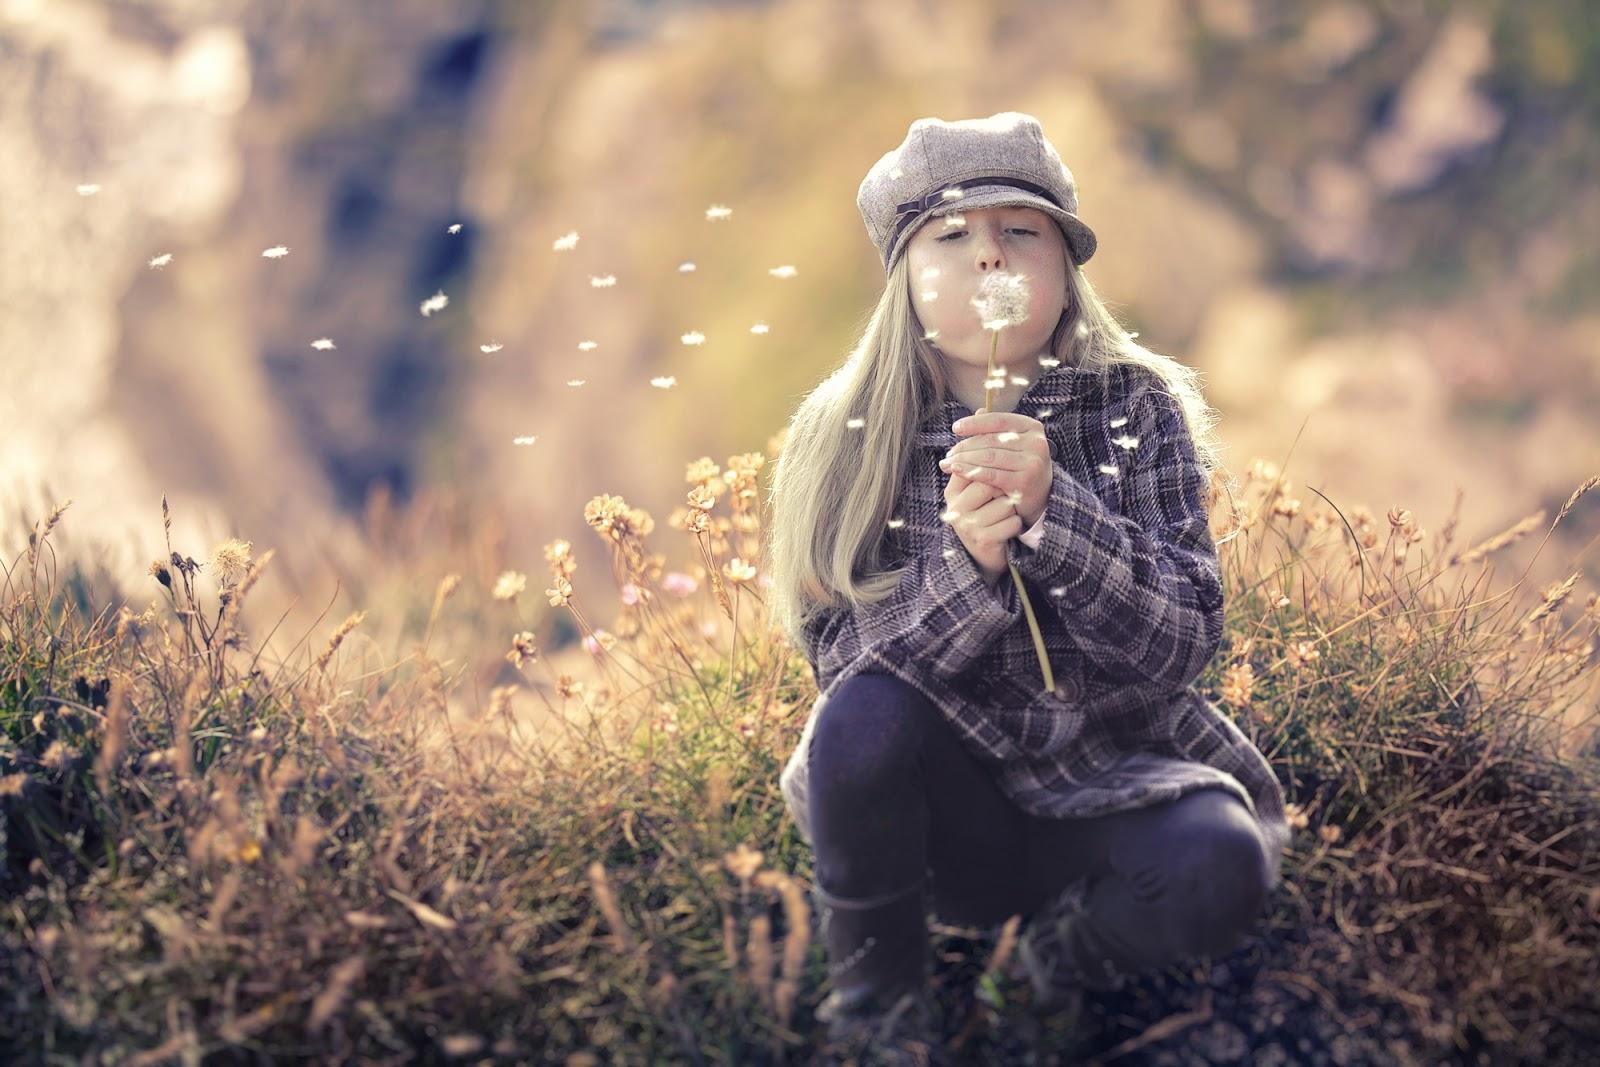 蒲公英の綿毛を吹く少女